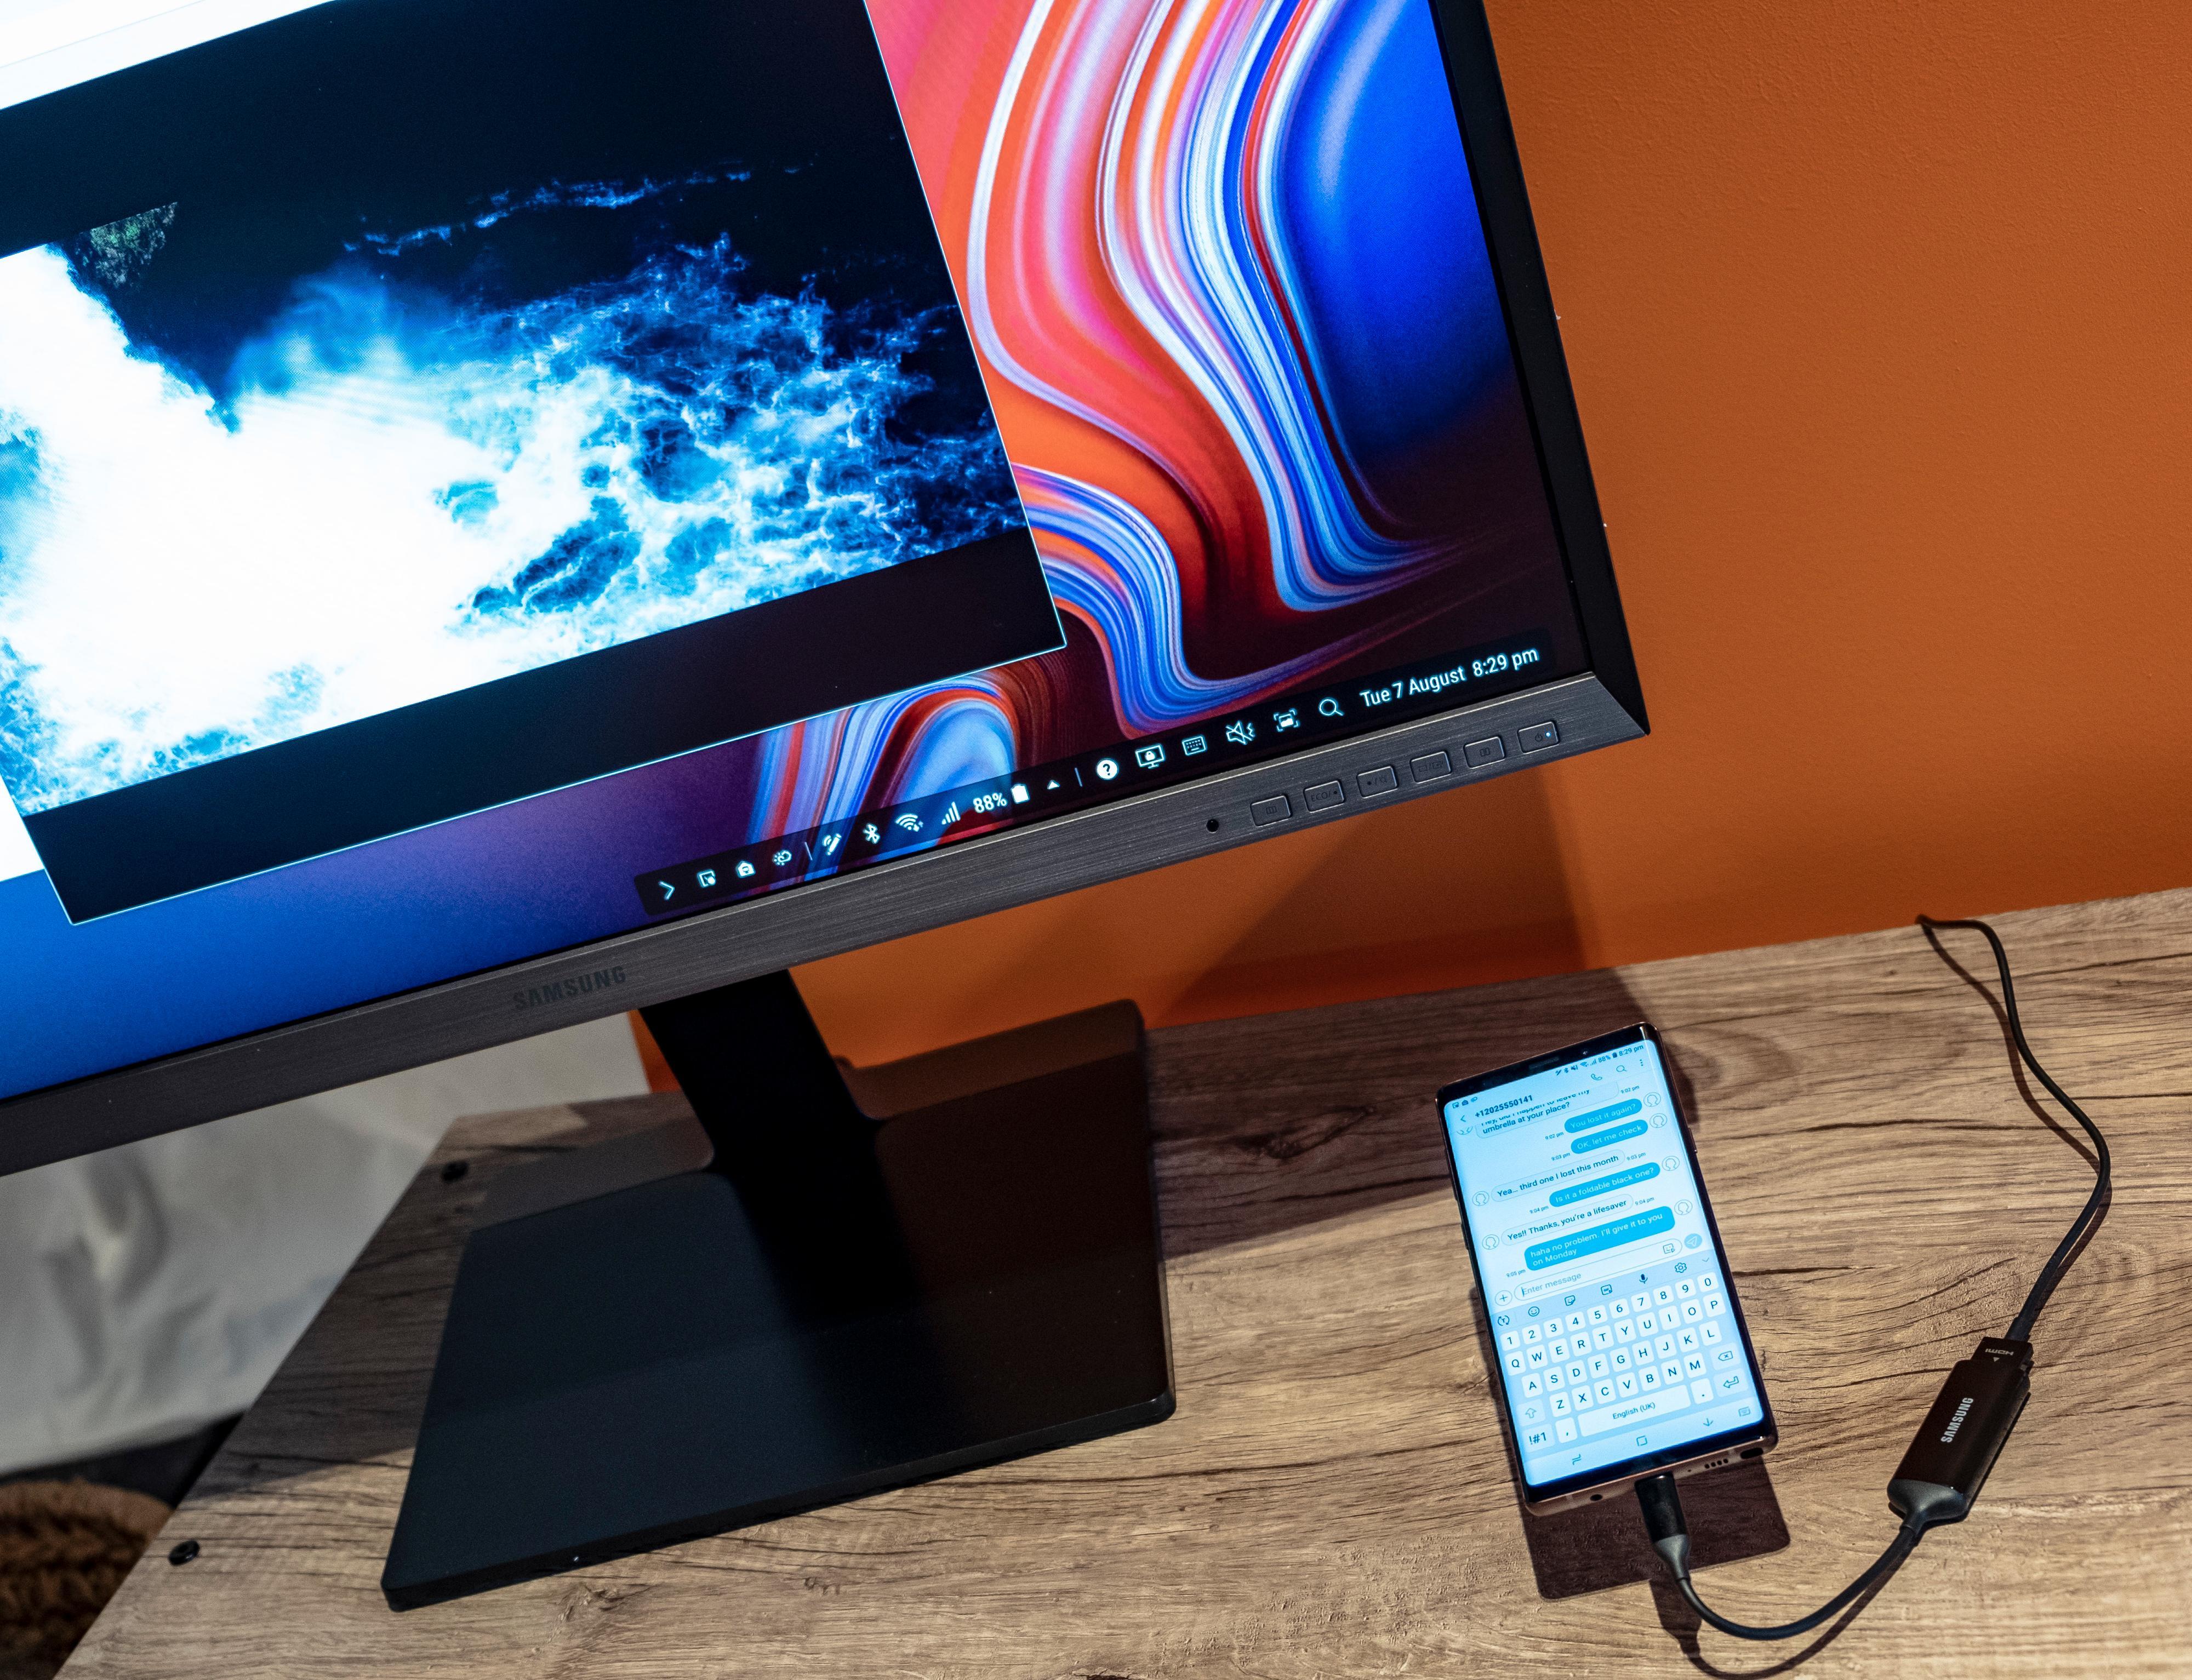 Koble telefonen til en skjerm og styr det som foregår med pennen. Som regel står selve skjermen eller projektoren på møterommet, så i mange tilfeller trenger du bare telefonen for å være forberedt.